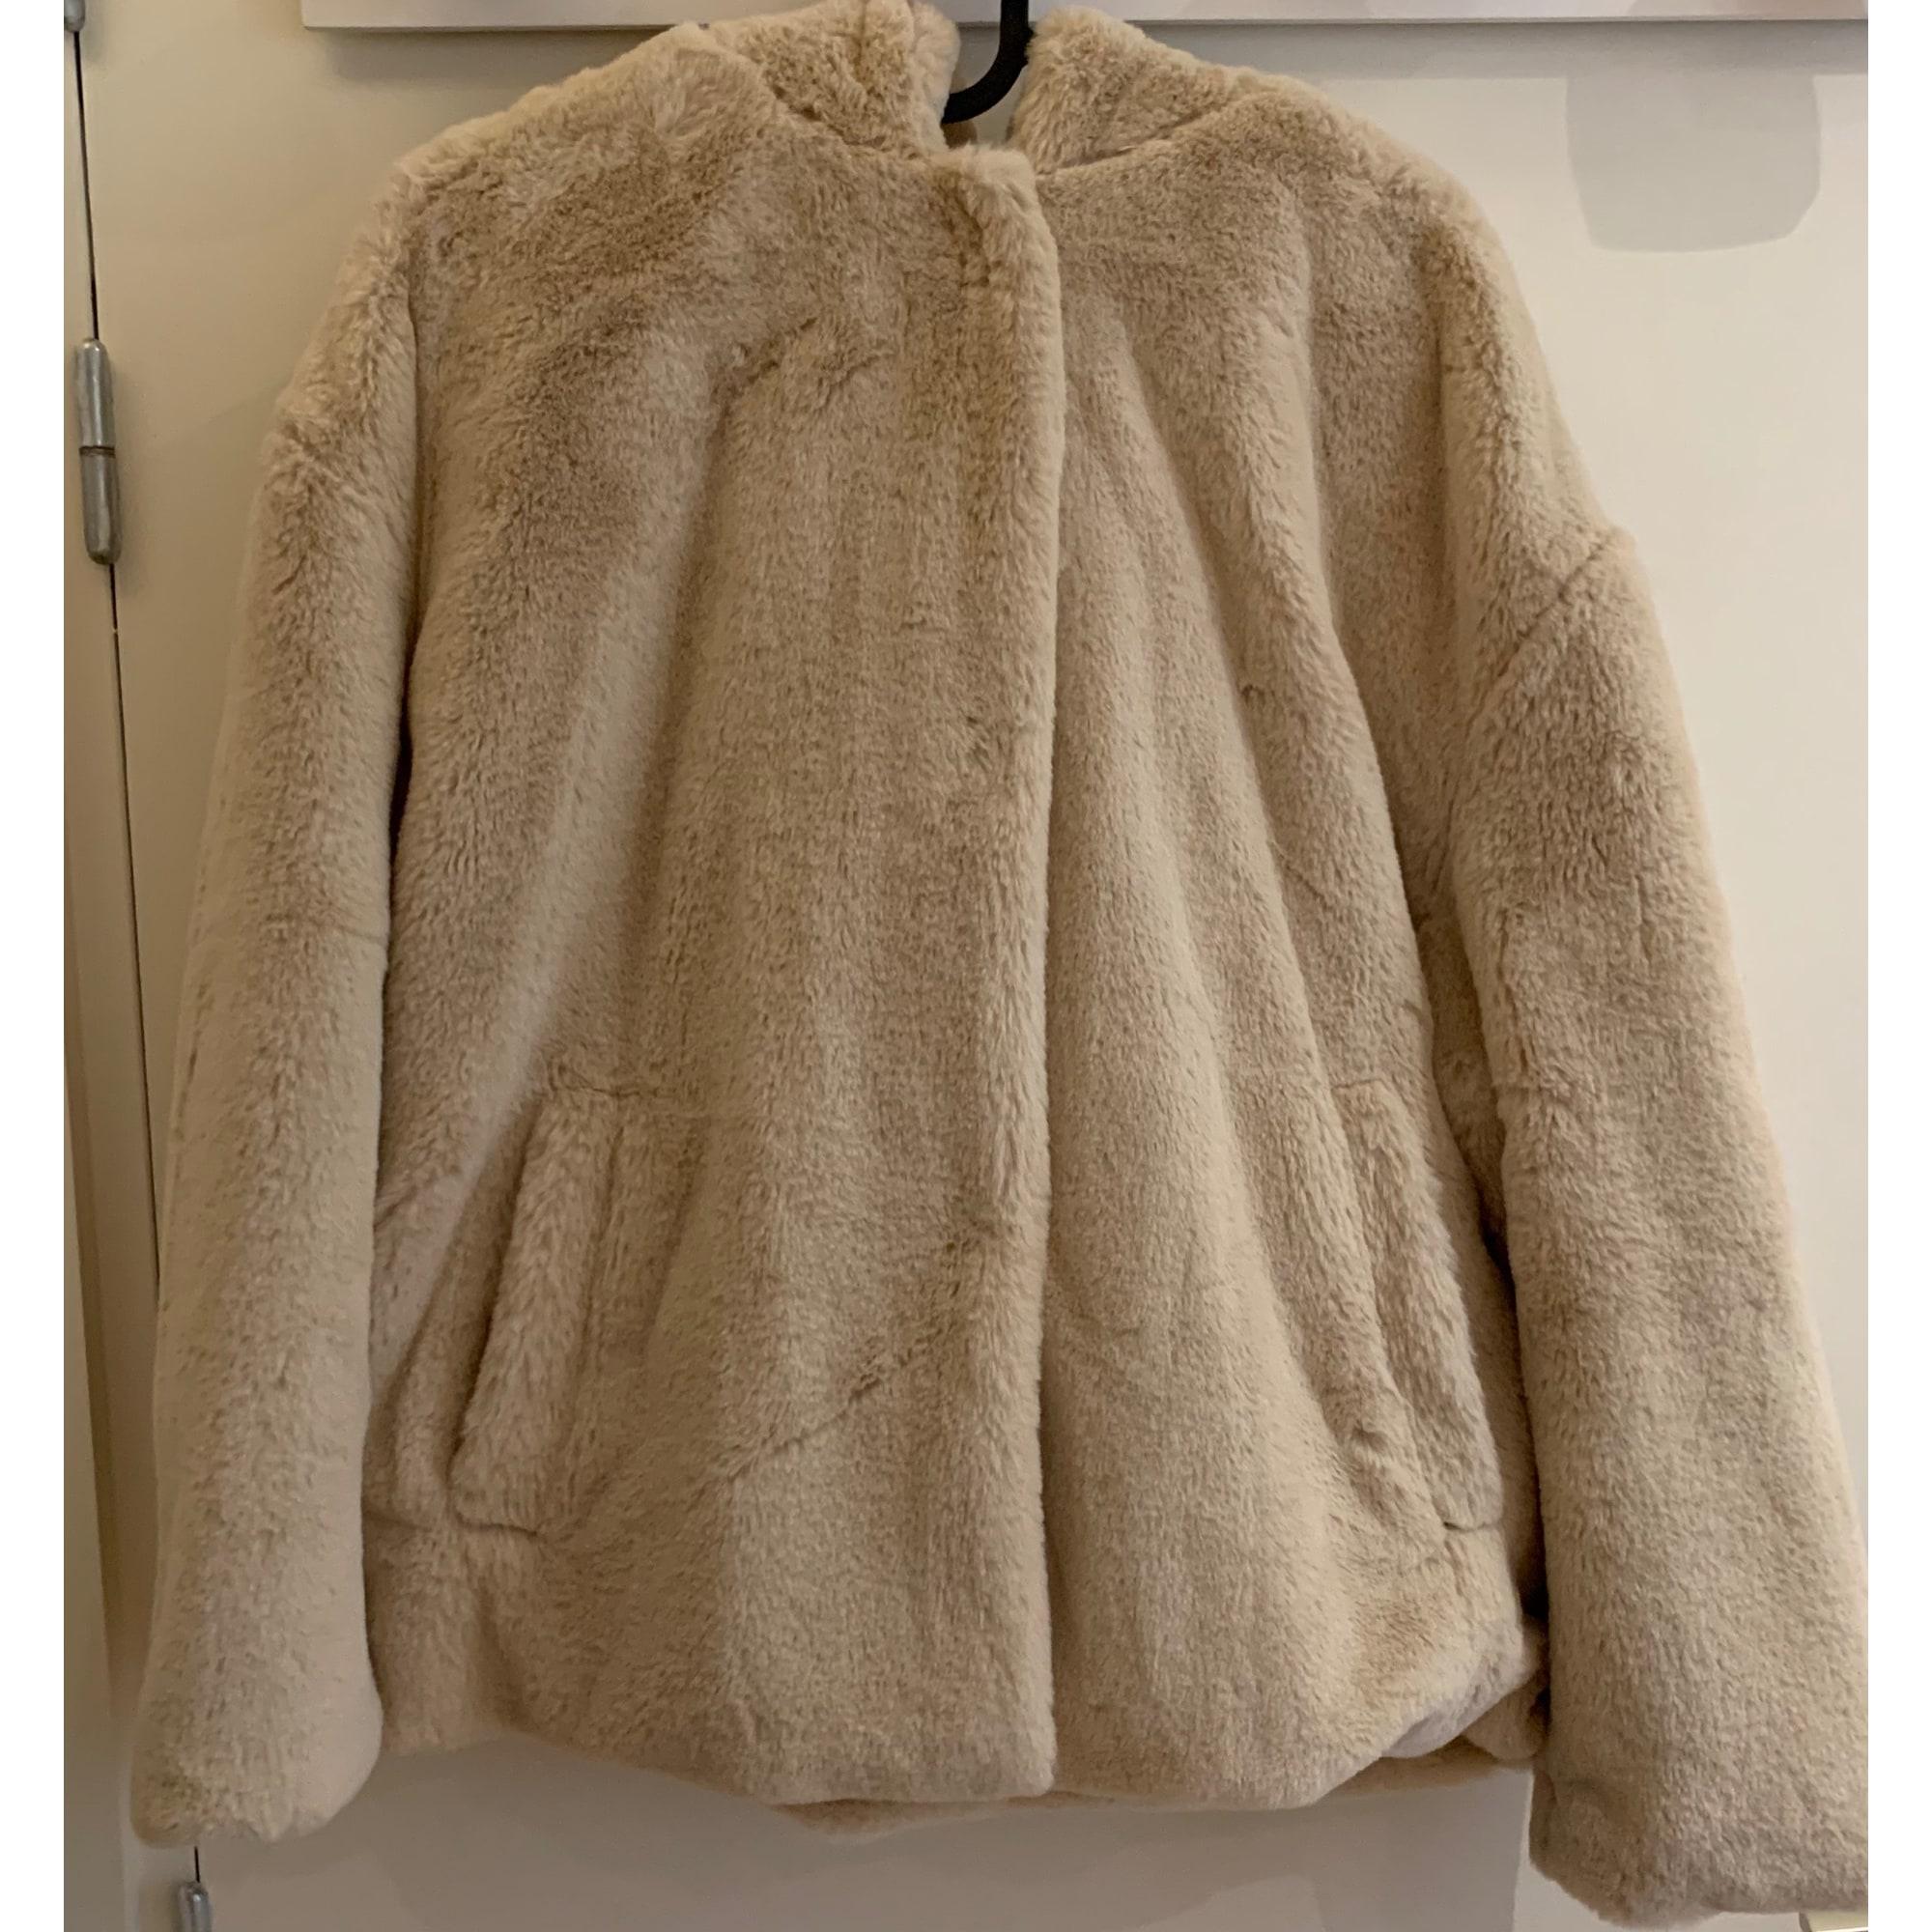 Manteau en fourrure ZARA Beige, camel